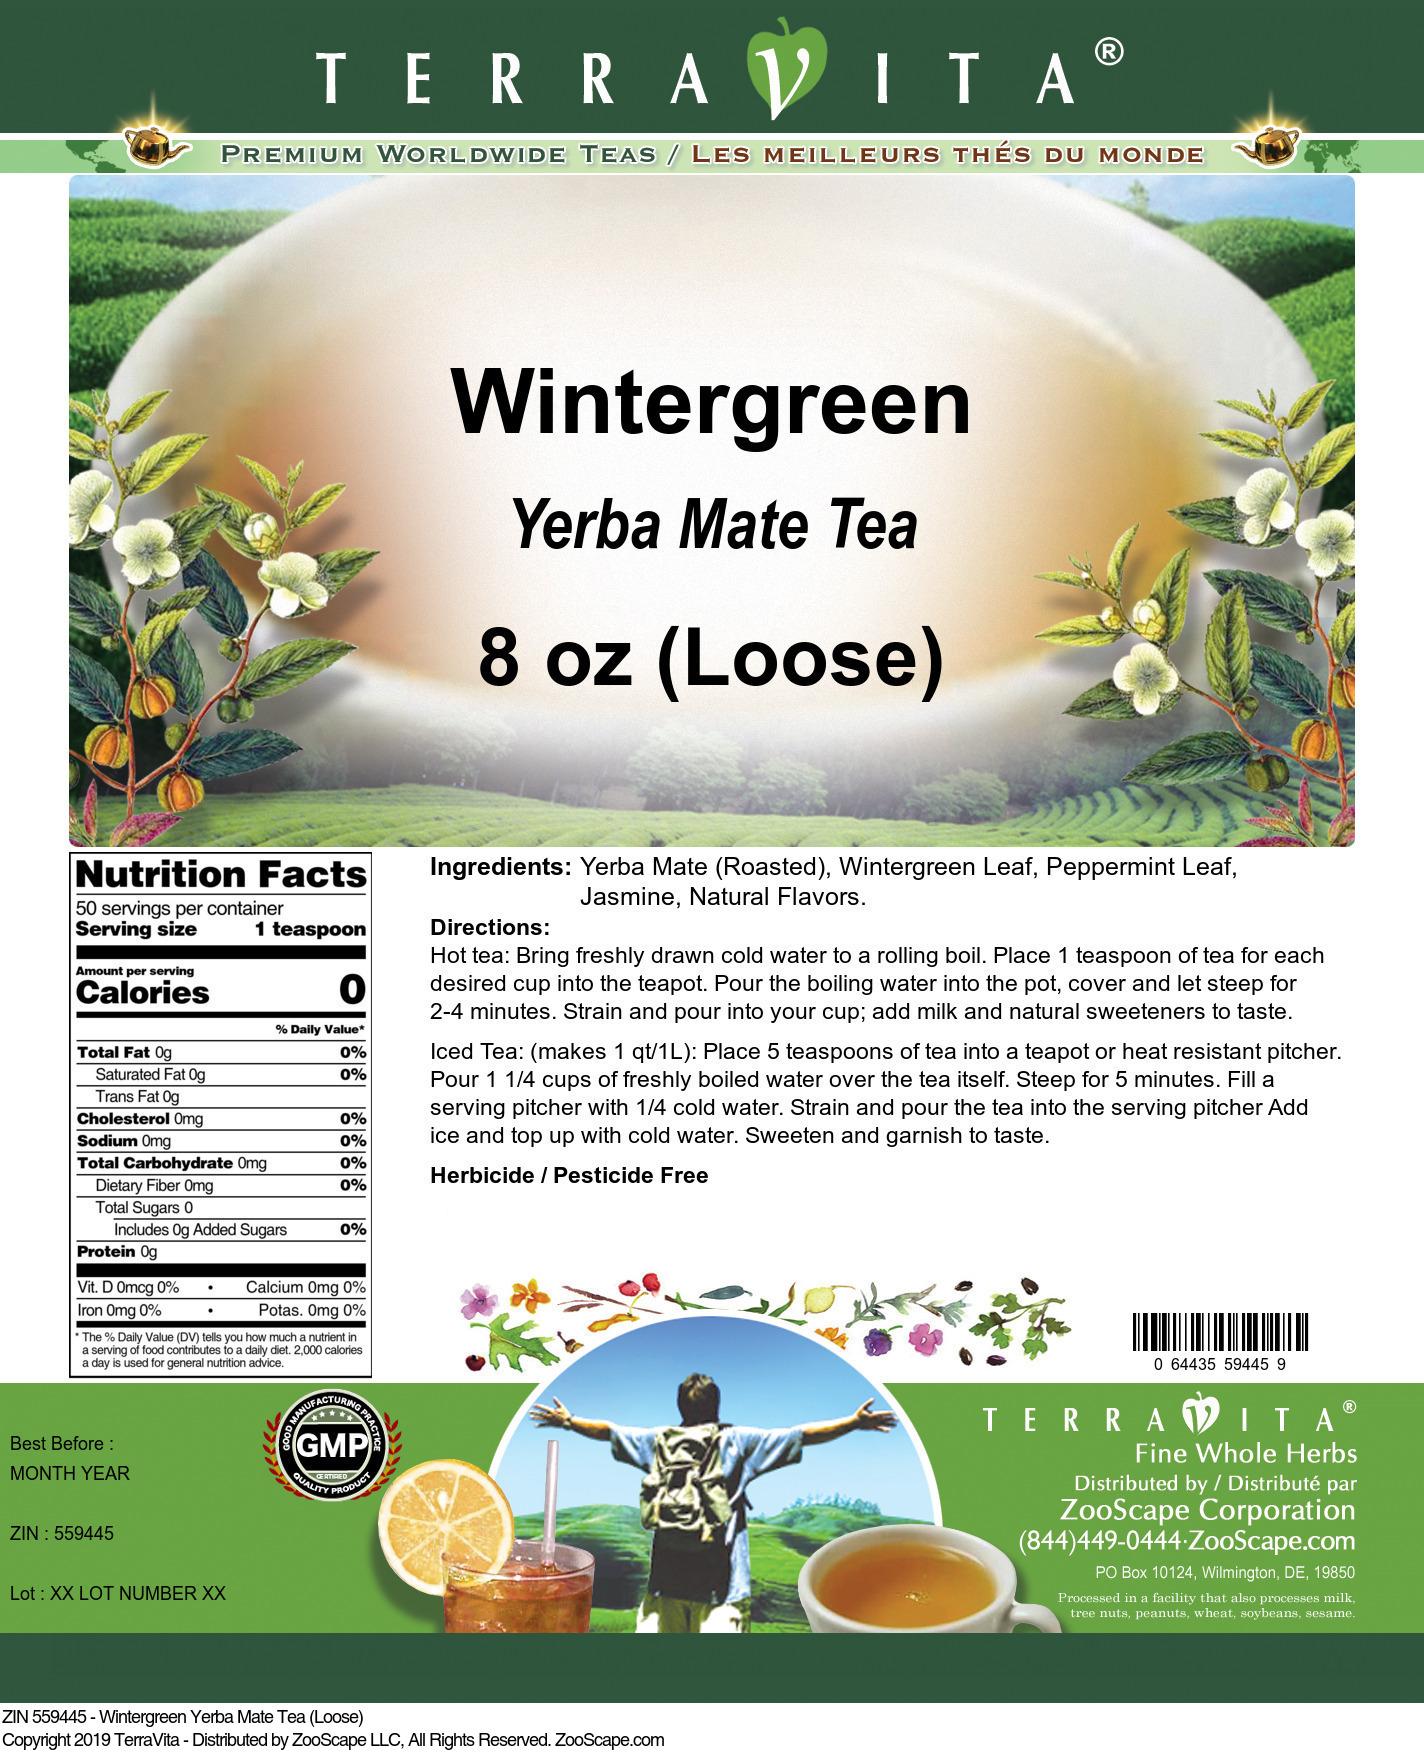 Wintergreen Yerba Mate Tea (Loose)